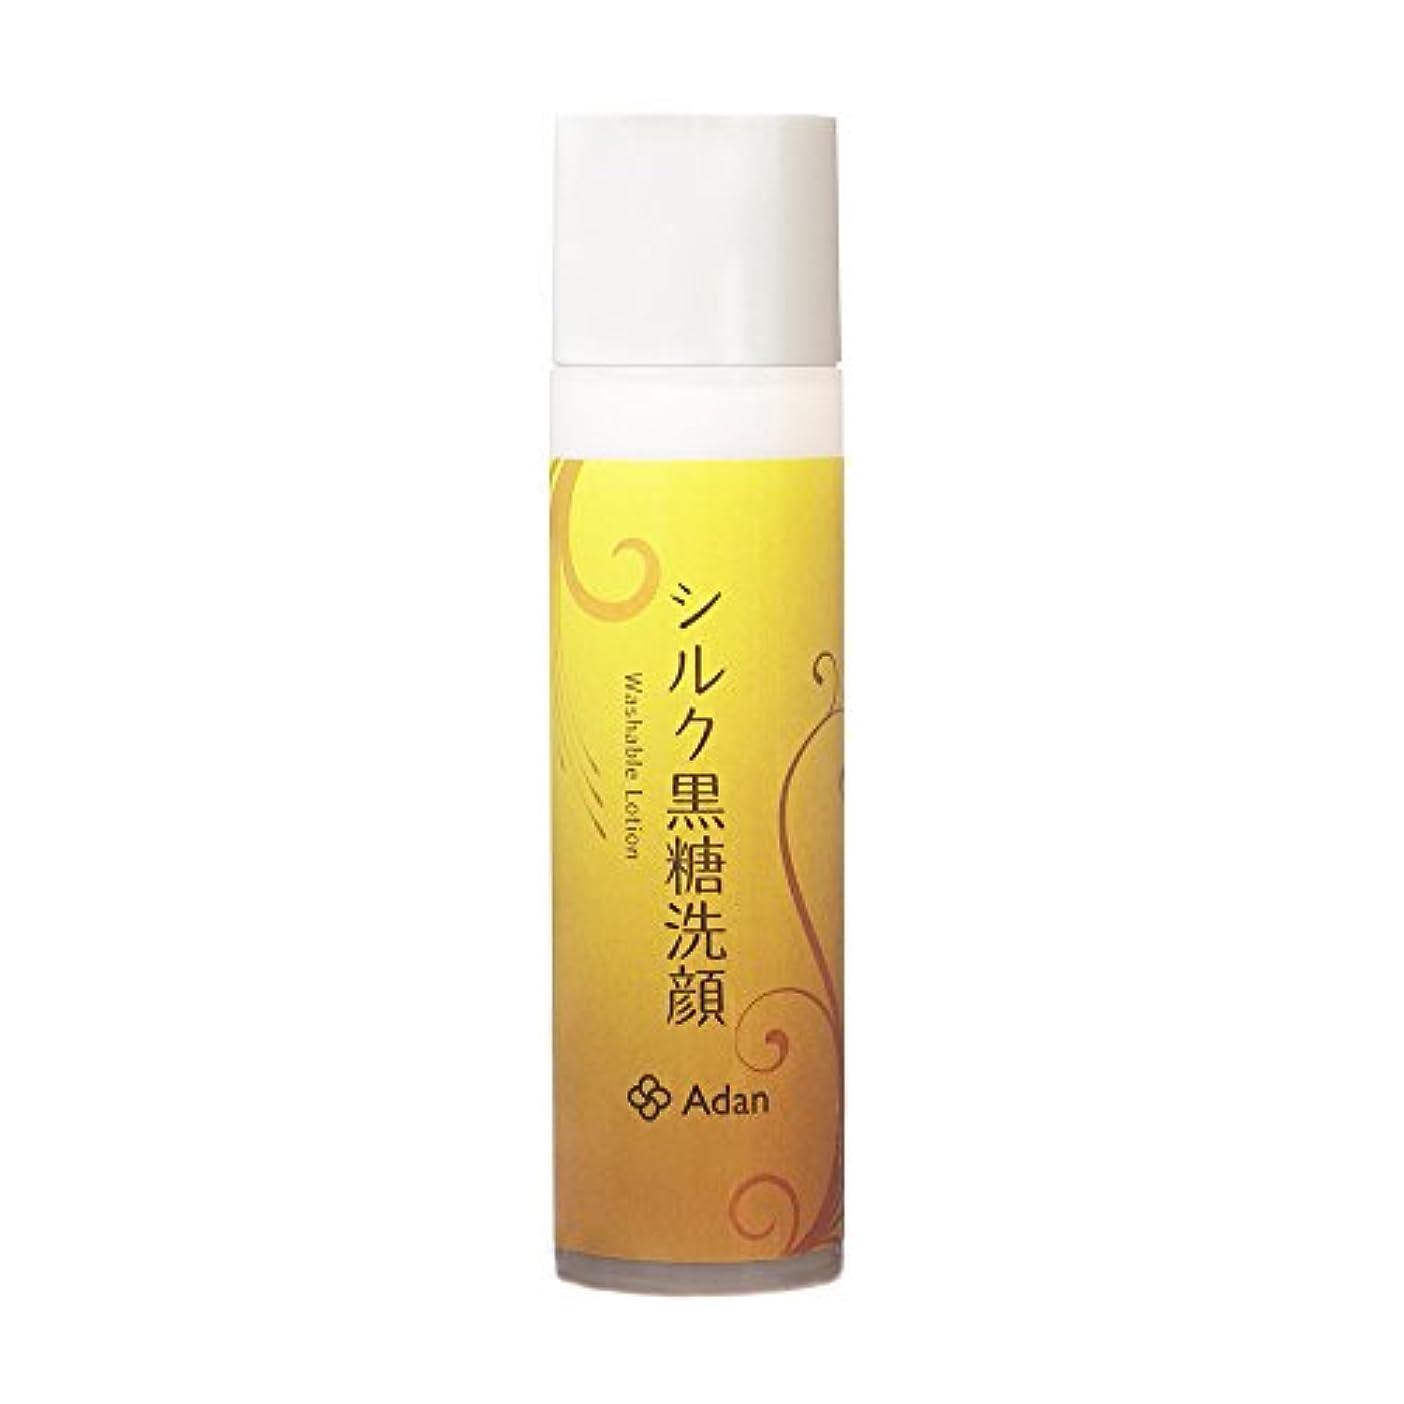 建築インターネットカールAdan(アーダン) シルク黒糖洗顔(ウォッシャブルローション) 120ml